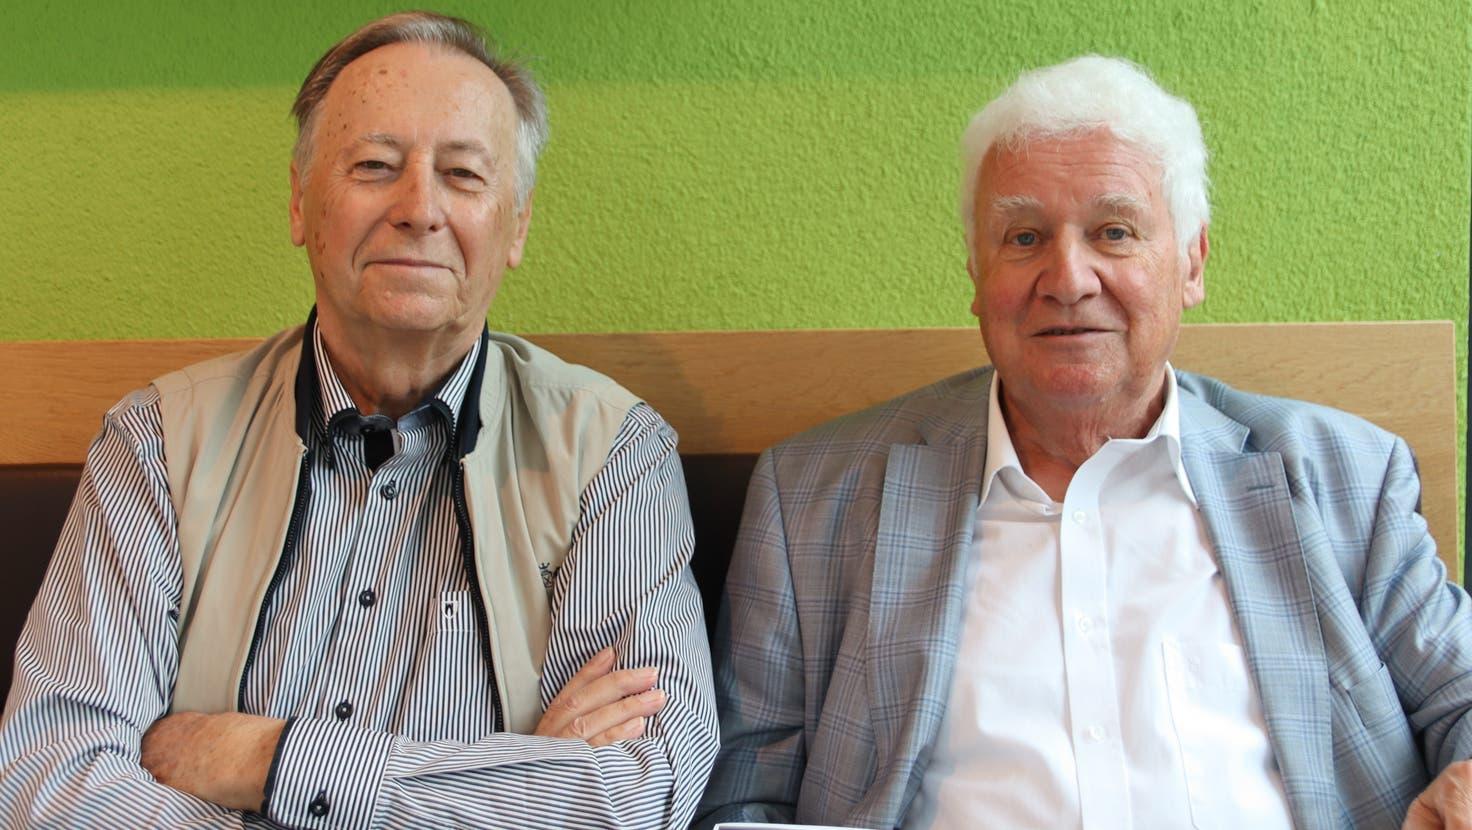 Gleicher Vorname, gleiches Alter, lange gemeinsame Erfahrung: Willi Kaiser und Willy Haderer erzählen vom Swissair-Grounding aus ihrer Sicht. (Lydia Lippuner)